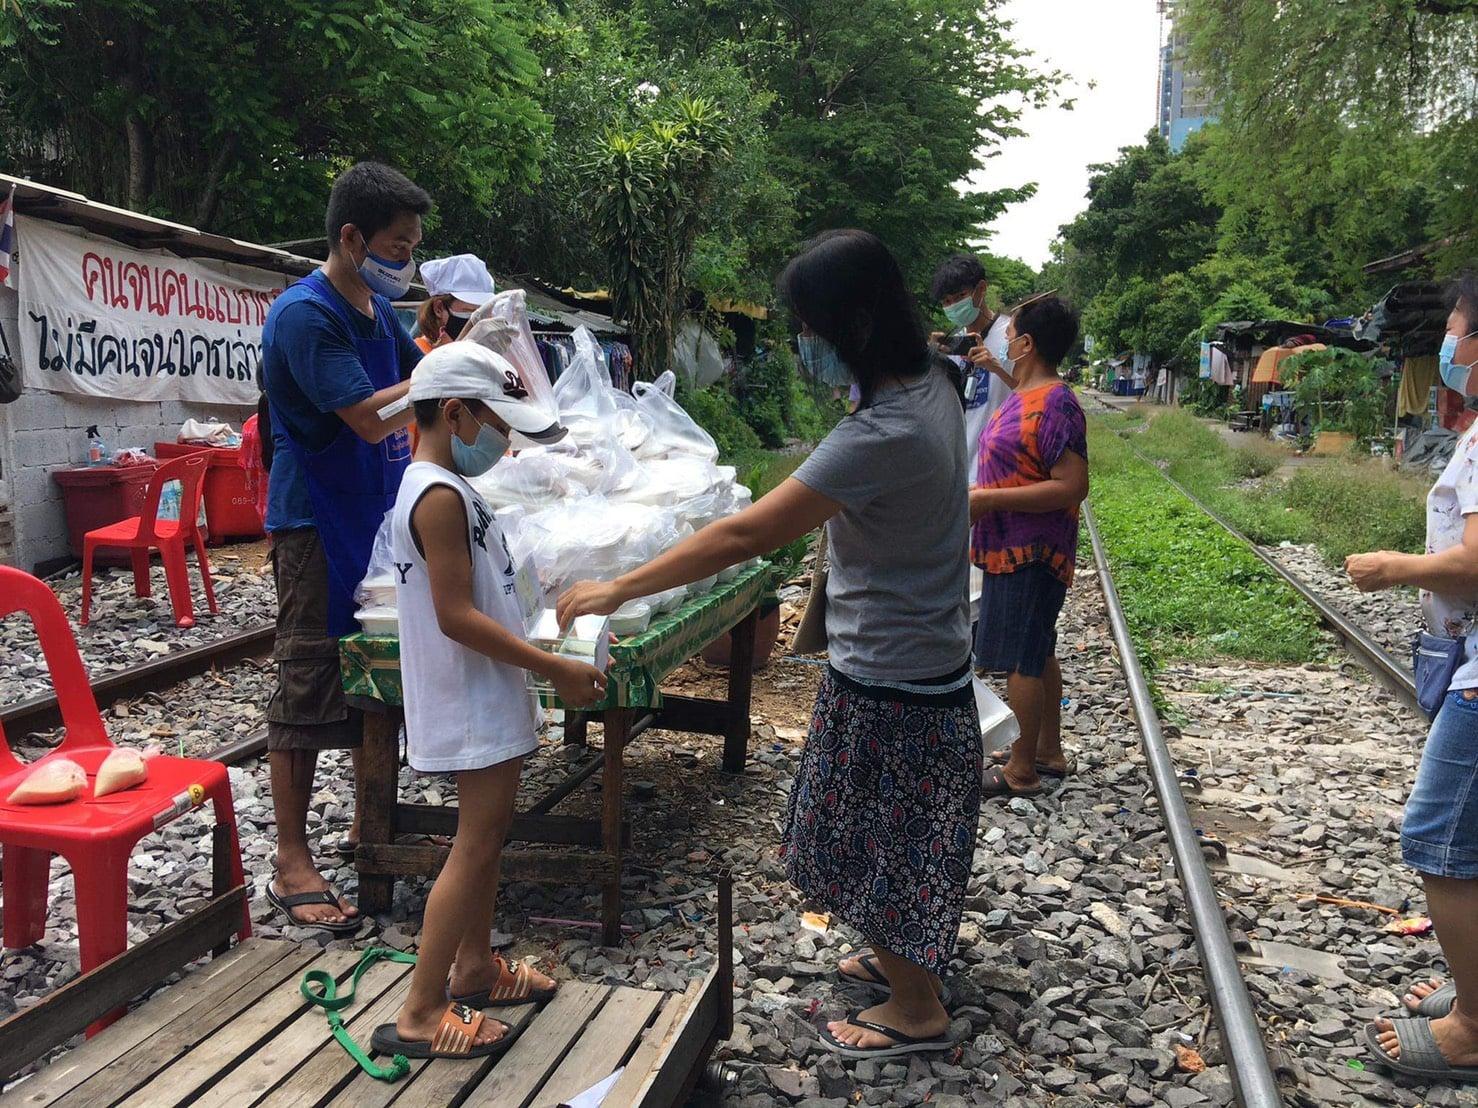 หนุนเปิดครัวกลางชุมชนปันกันอิ่ม แหล่งอาหารยั่งยืนยุคโควิด-19 thaihealth